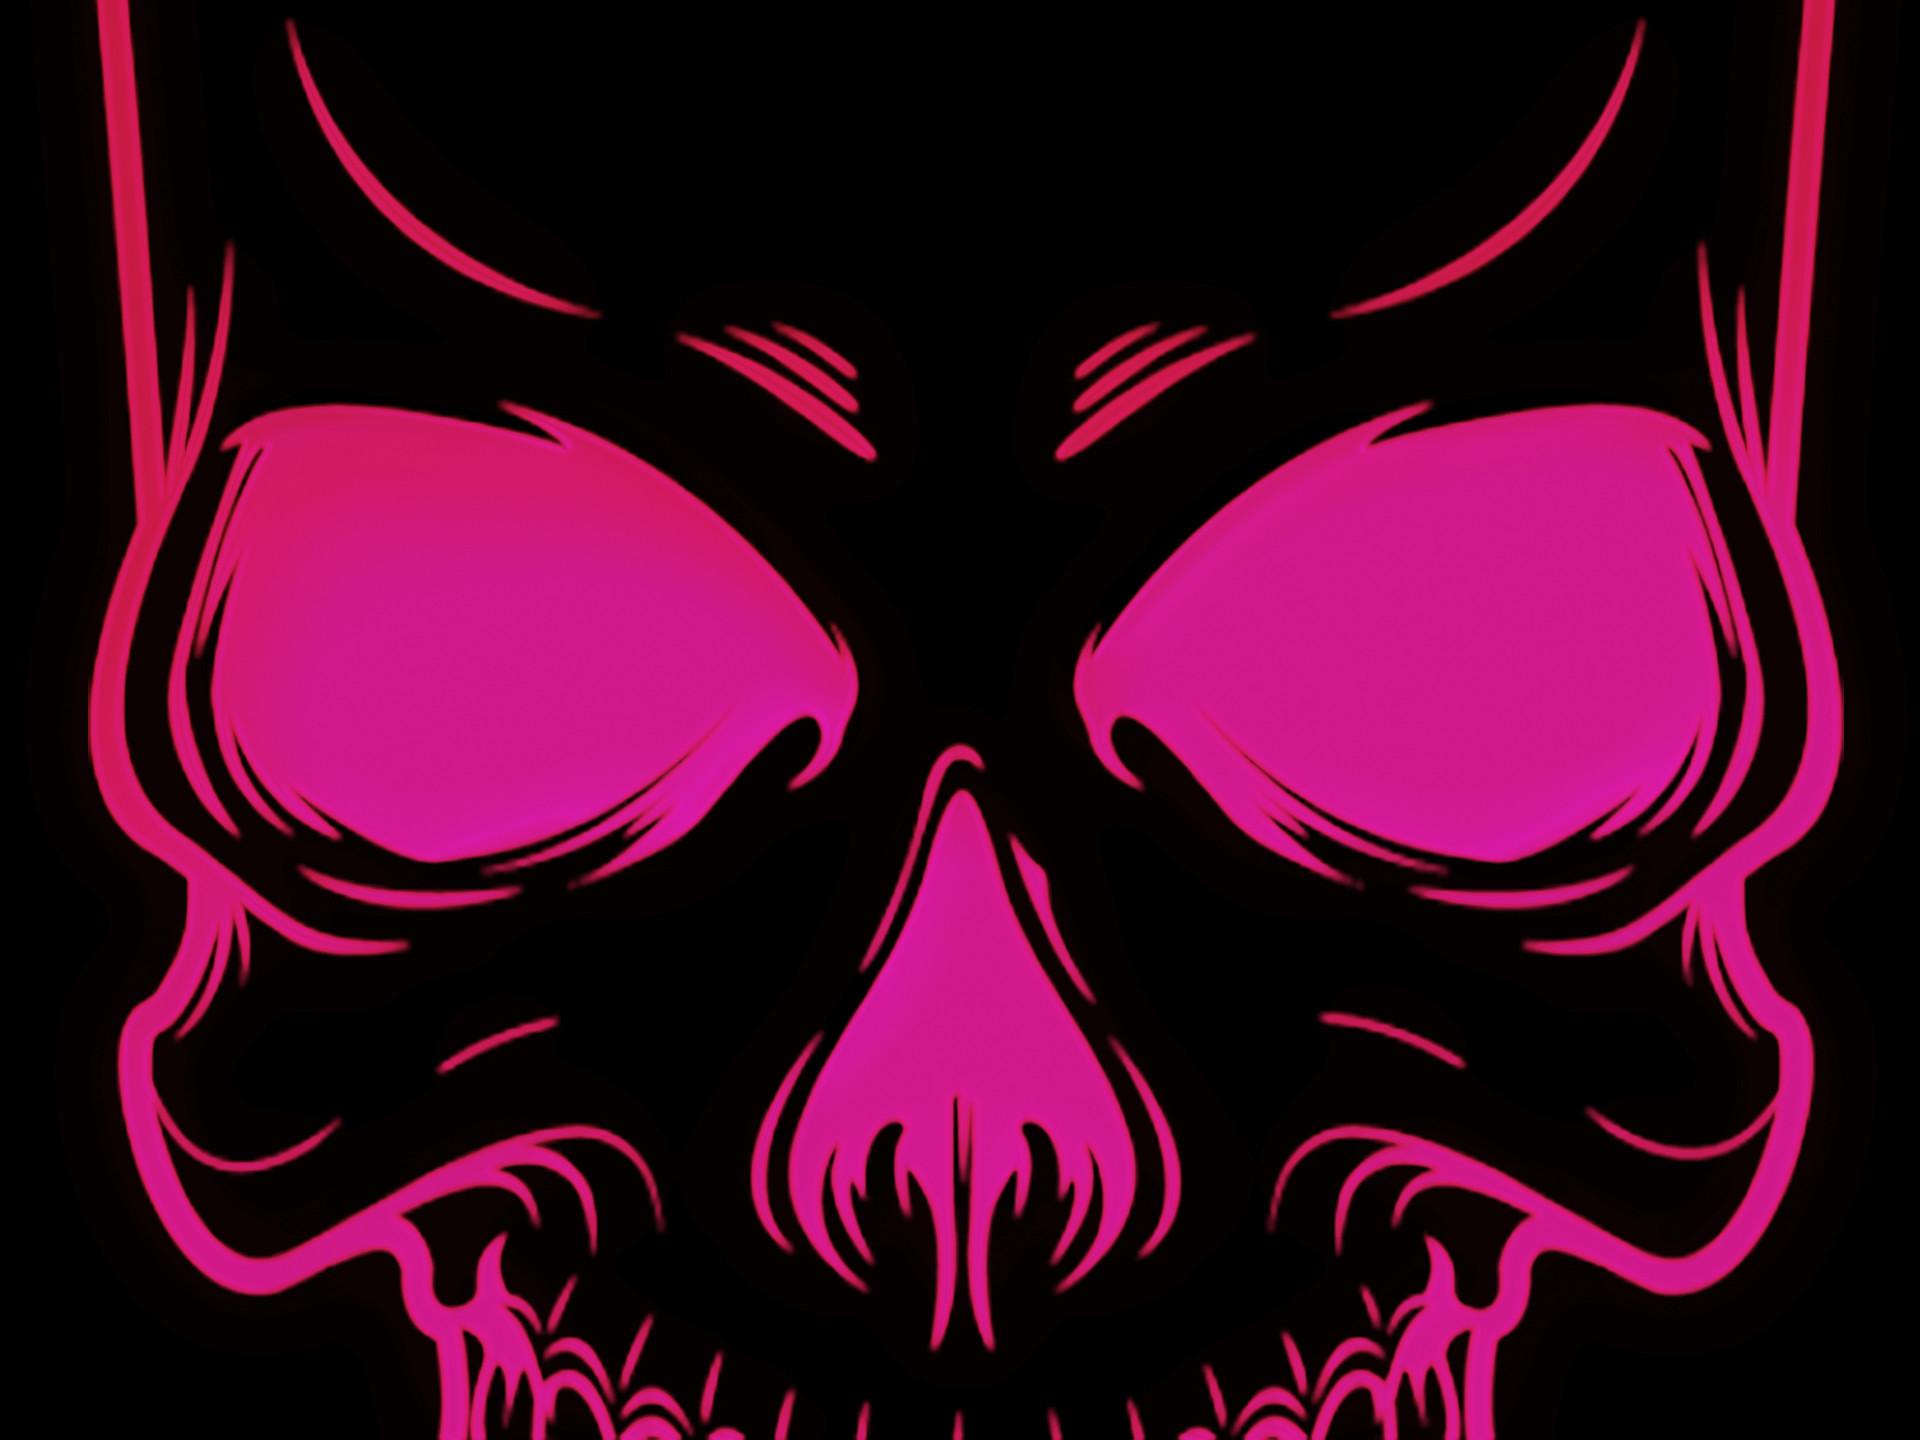 Pink Skull Wallpaper – Wallpaper Zone